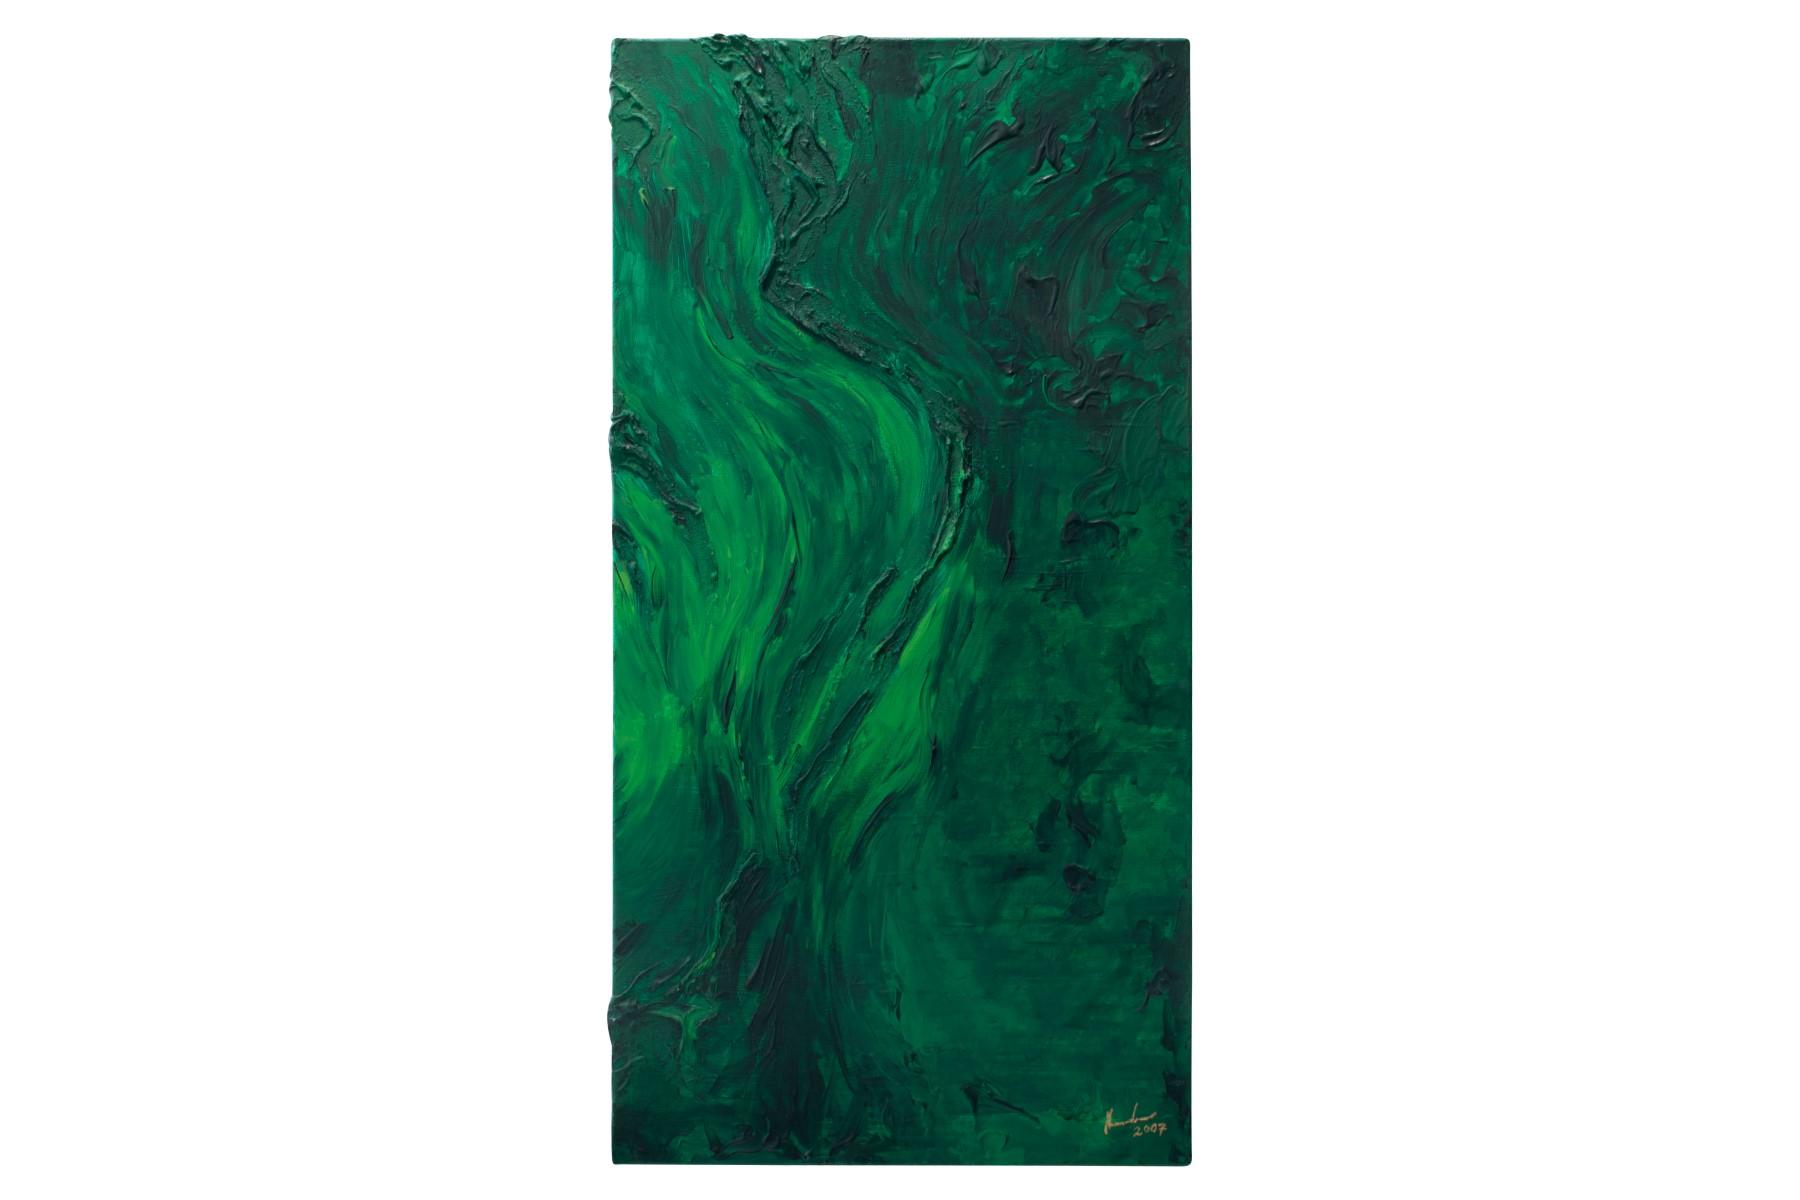 #31 Alex Werba (1970), Green Canyon, 2007 | Alex Werba (1970), Grüne Schlucht, 2007 Image